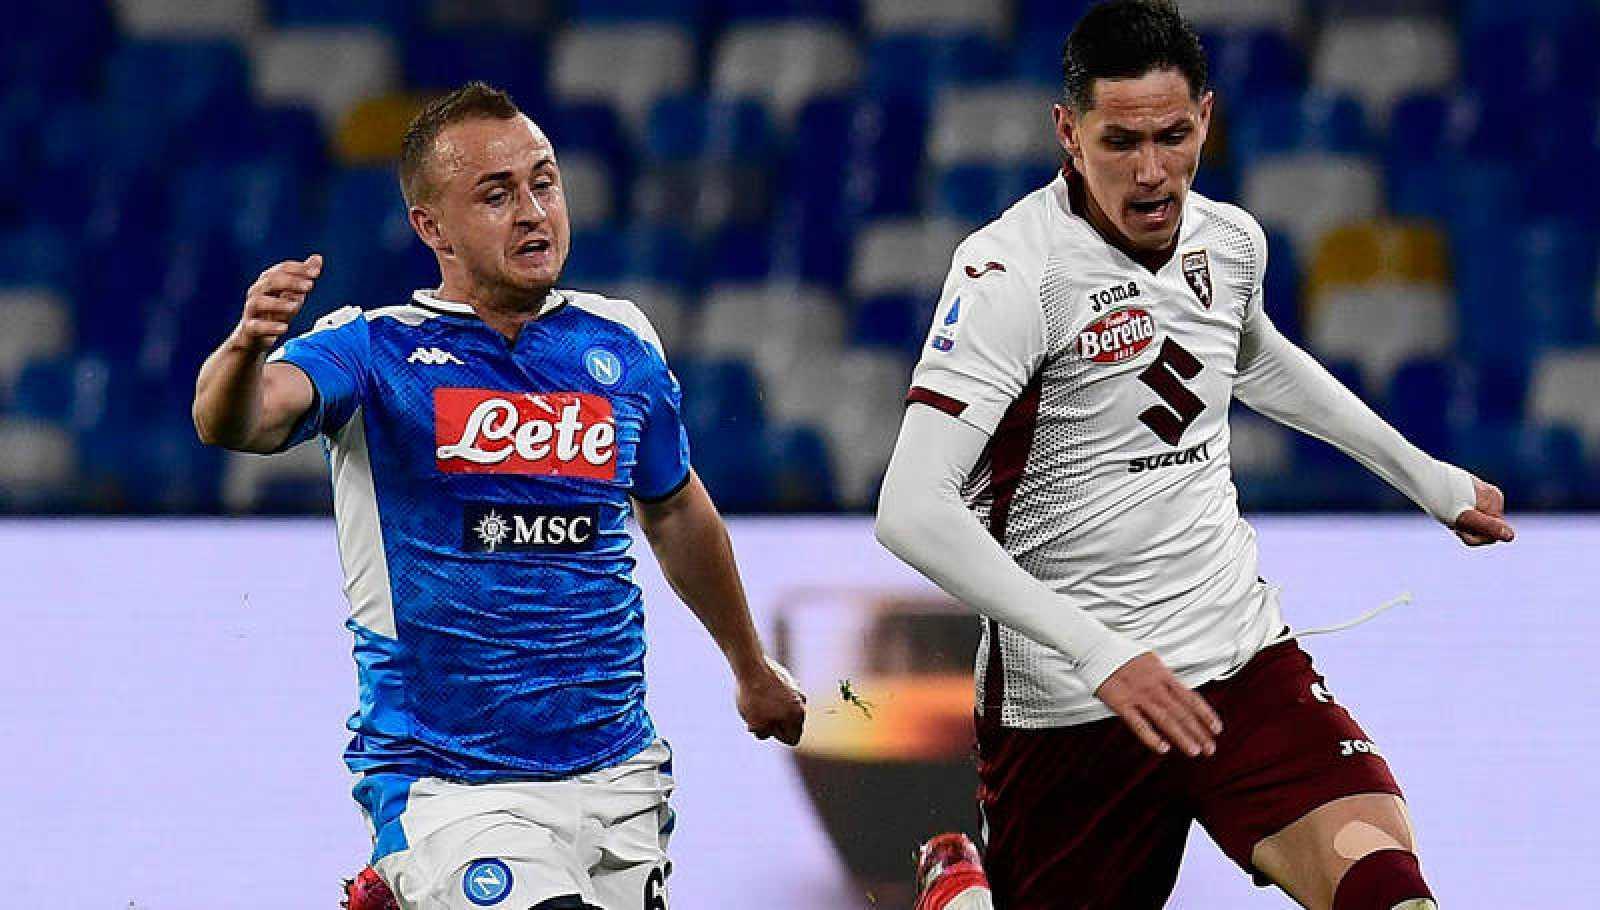 Los partidos de la Serie A se jugarán a puerta cerrada hasta el 3 de abril.